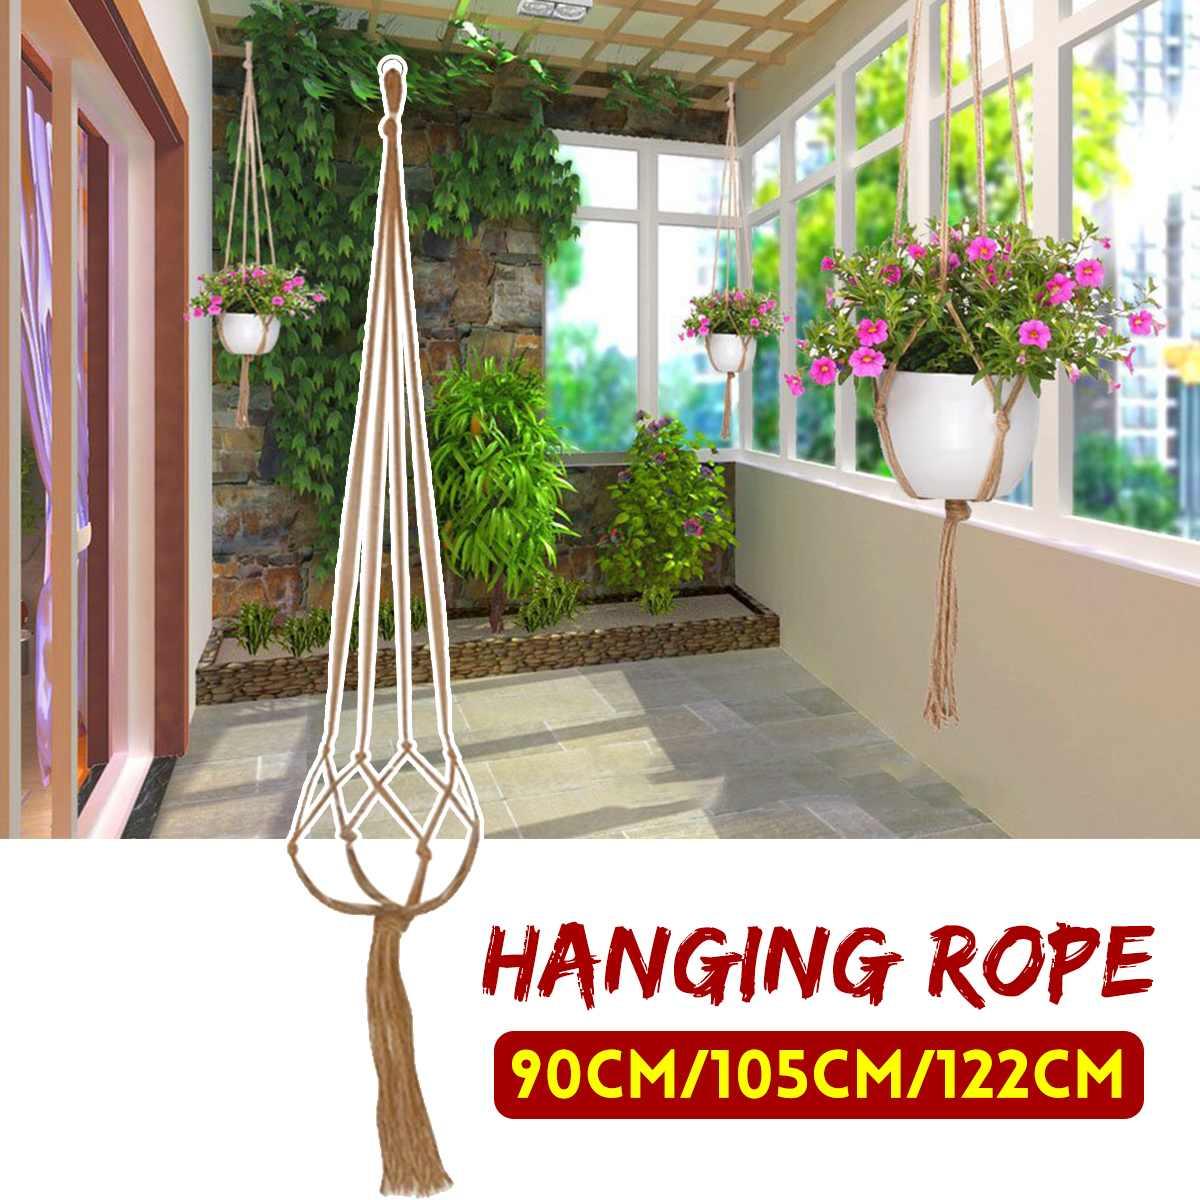 90/105/122cm Vintage Decor Macrame Plant Hanger Basket Flowerpot Plant Holder Hanging Knotted Lifting Rop